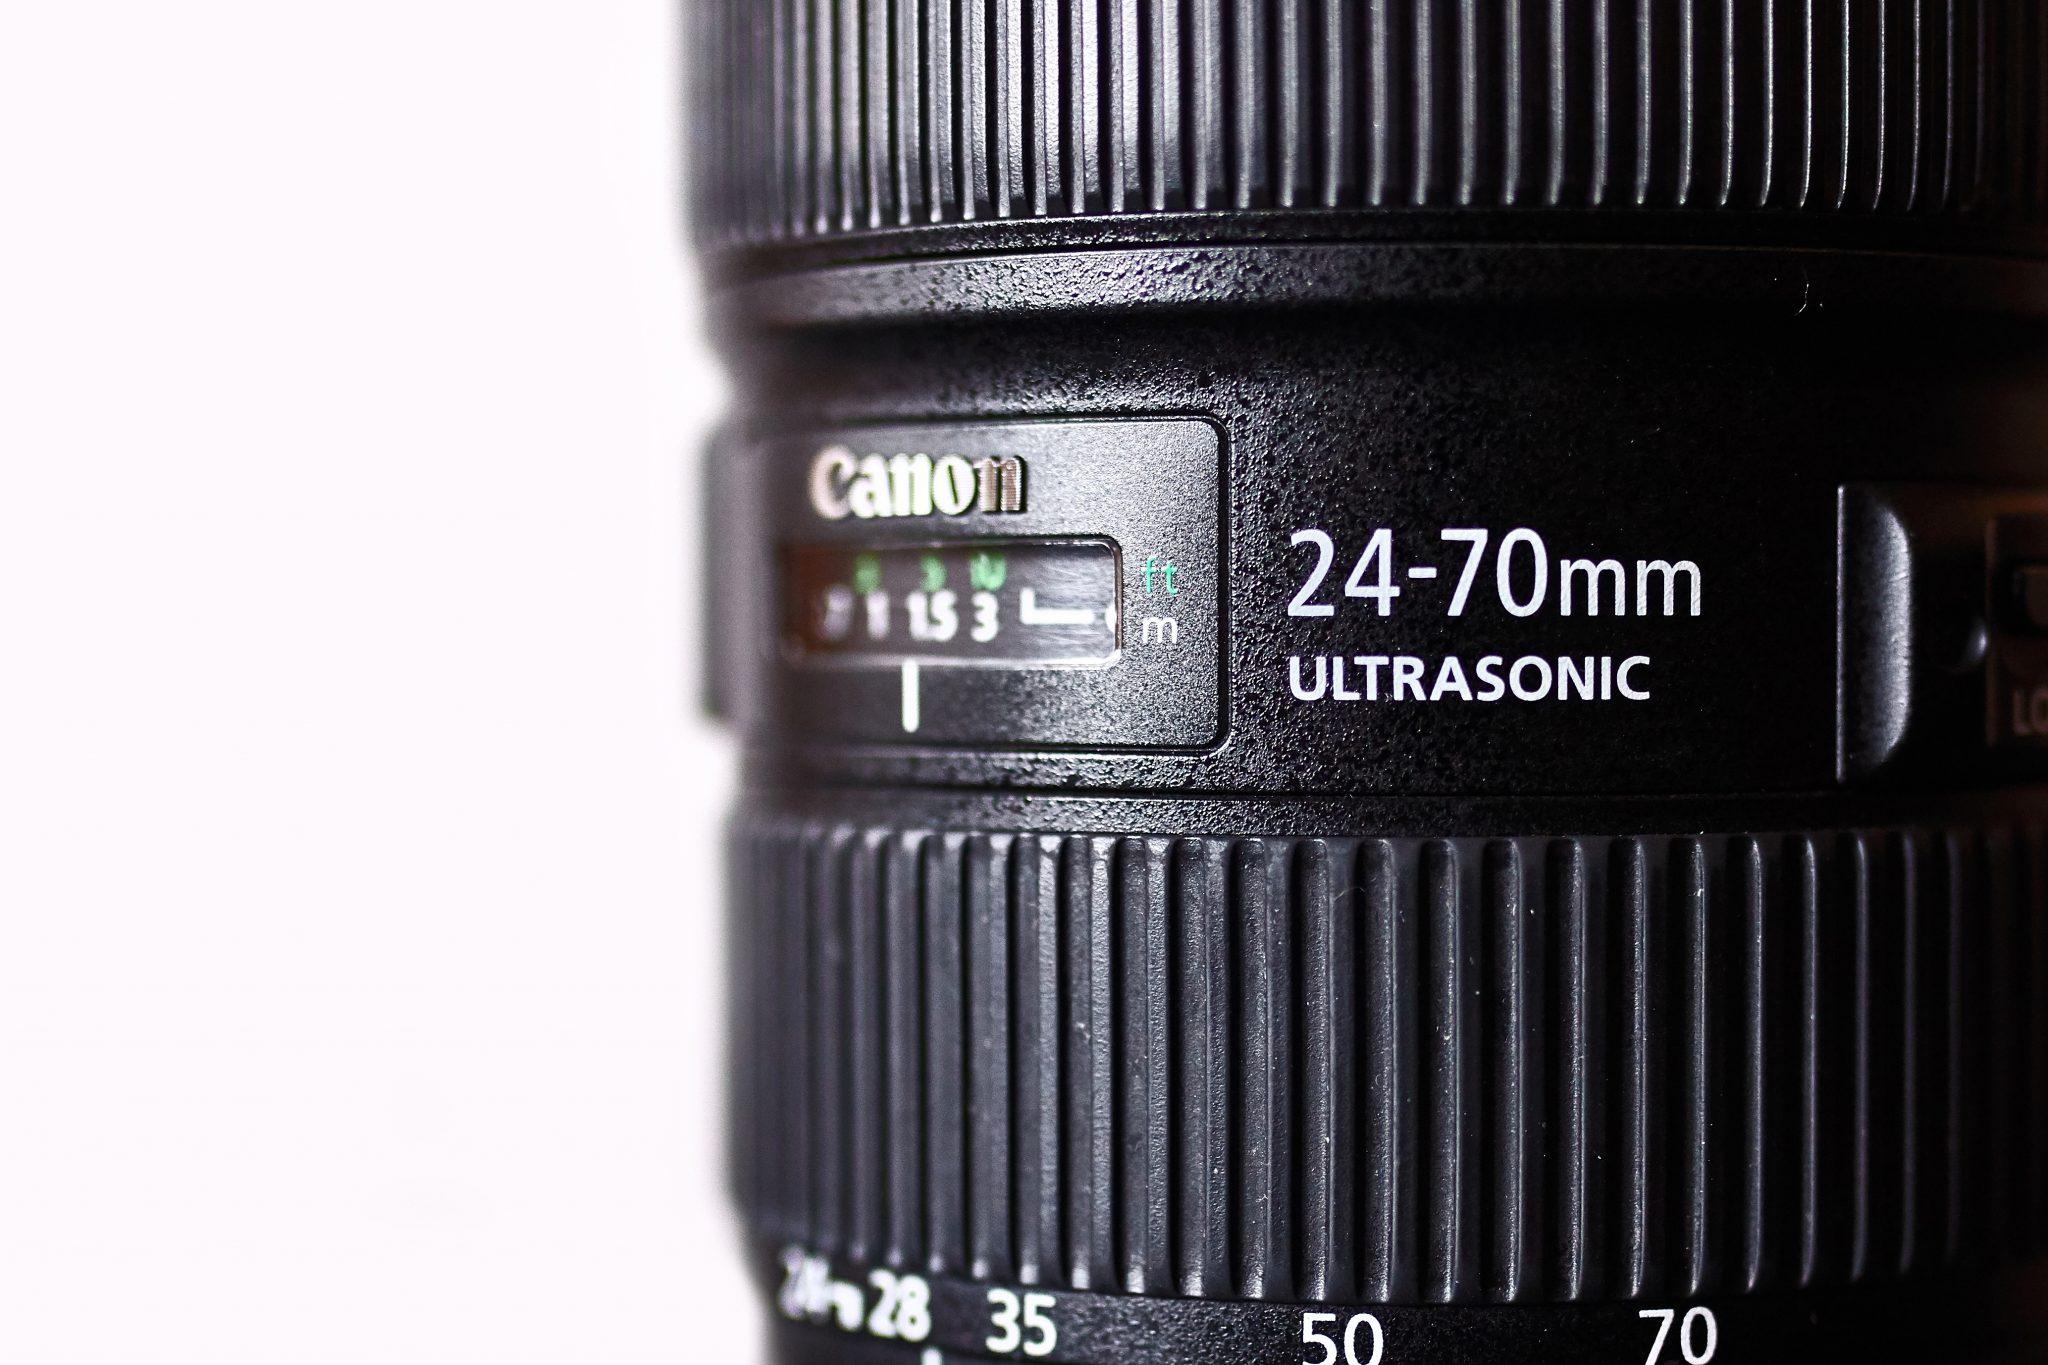 Ogniskowa obiektywu Canon 24-70 2.8 LII